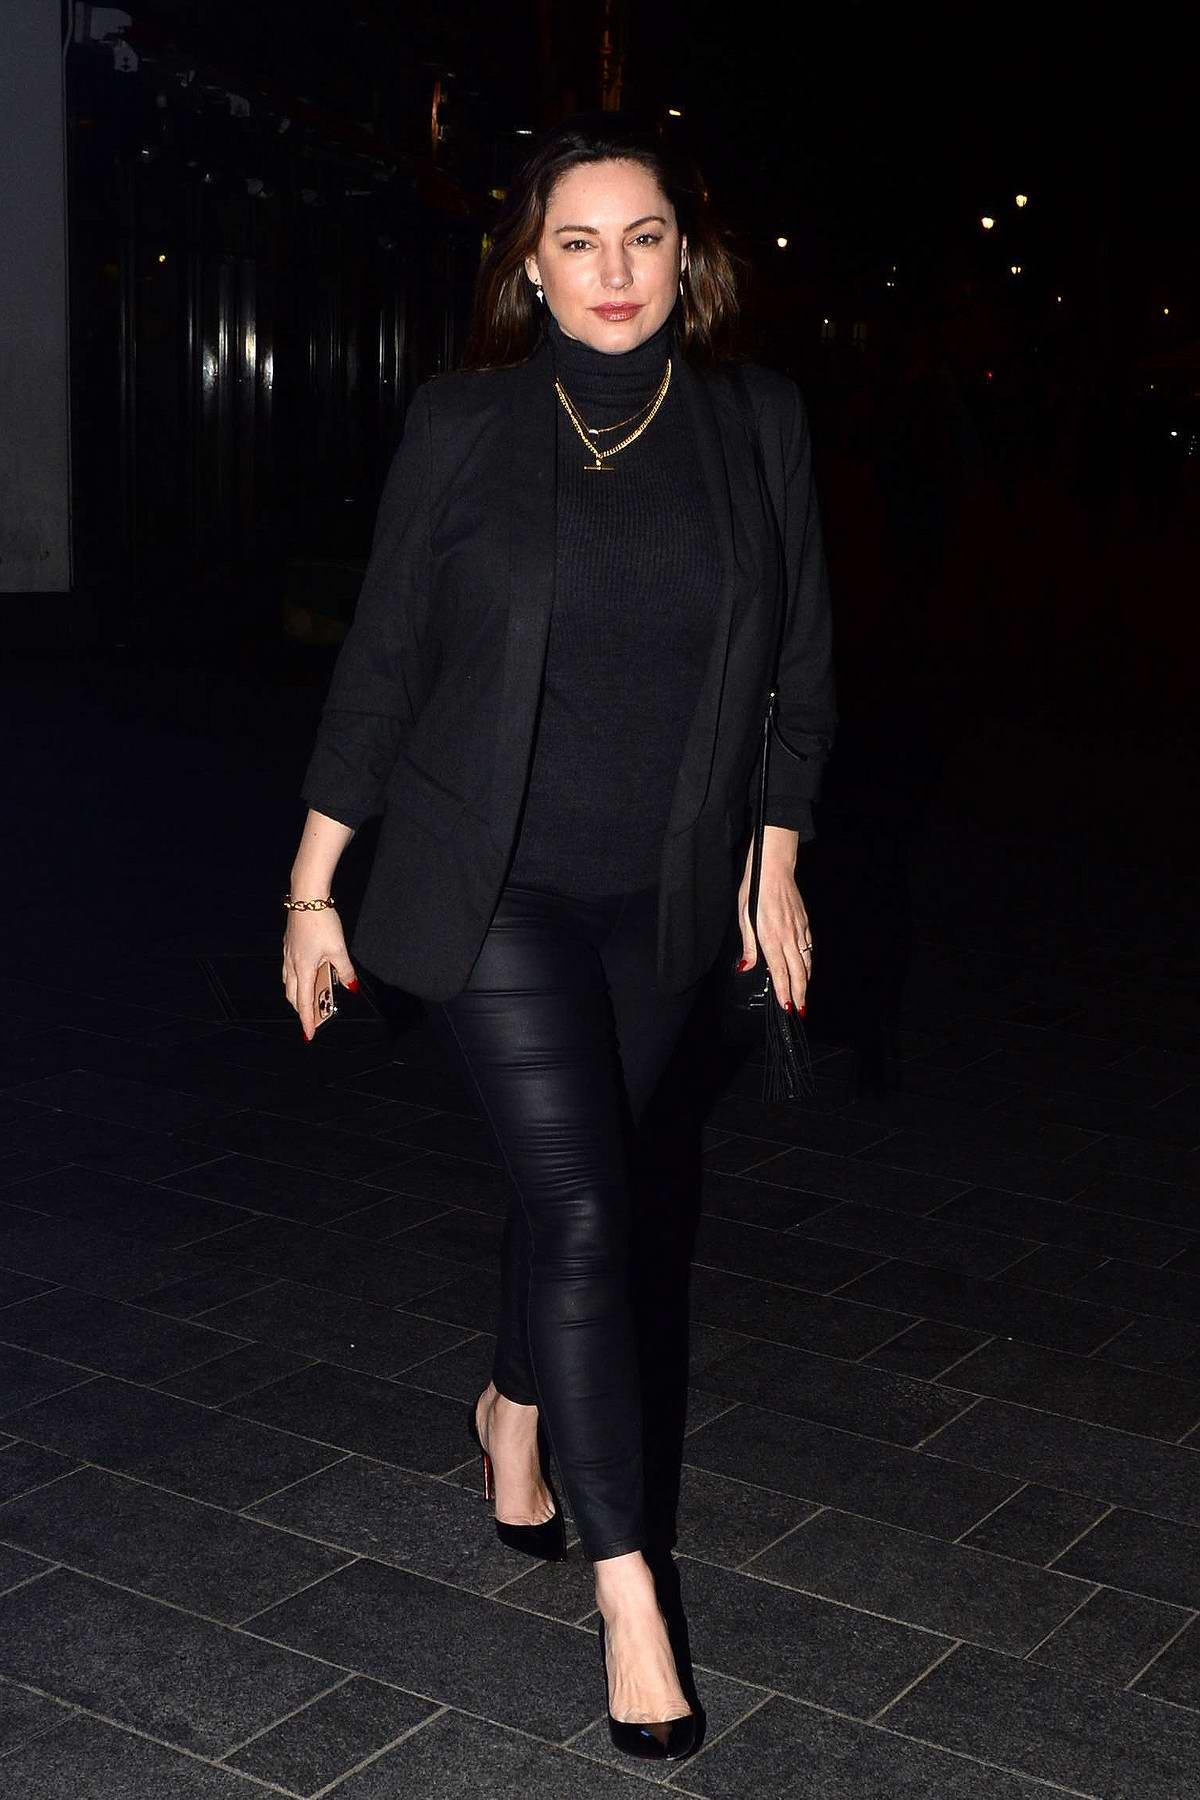 Kelly Brook dons all-black as she leaves Global Radio Studios in London, UK